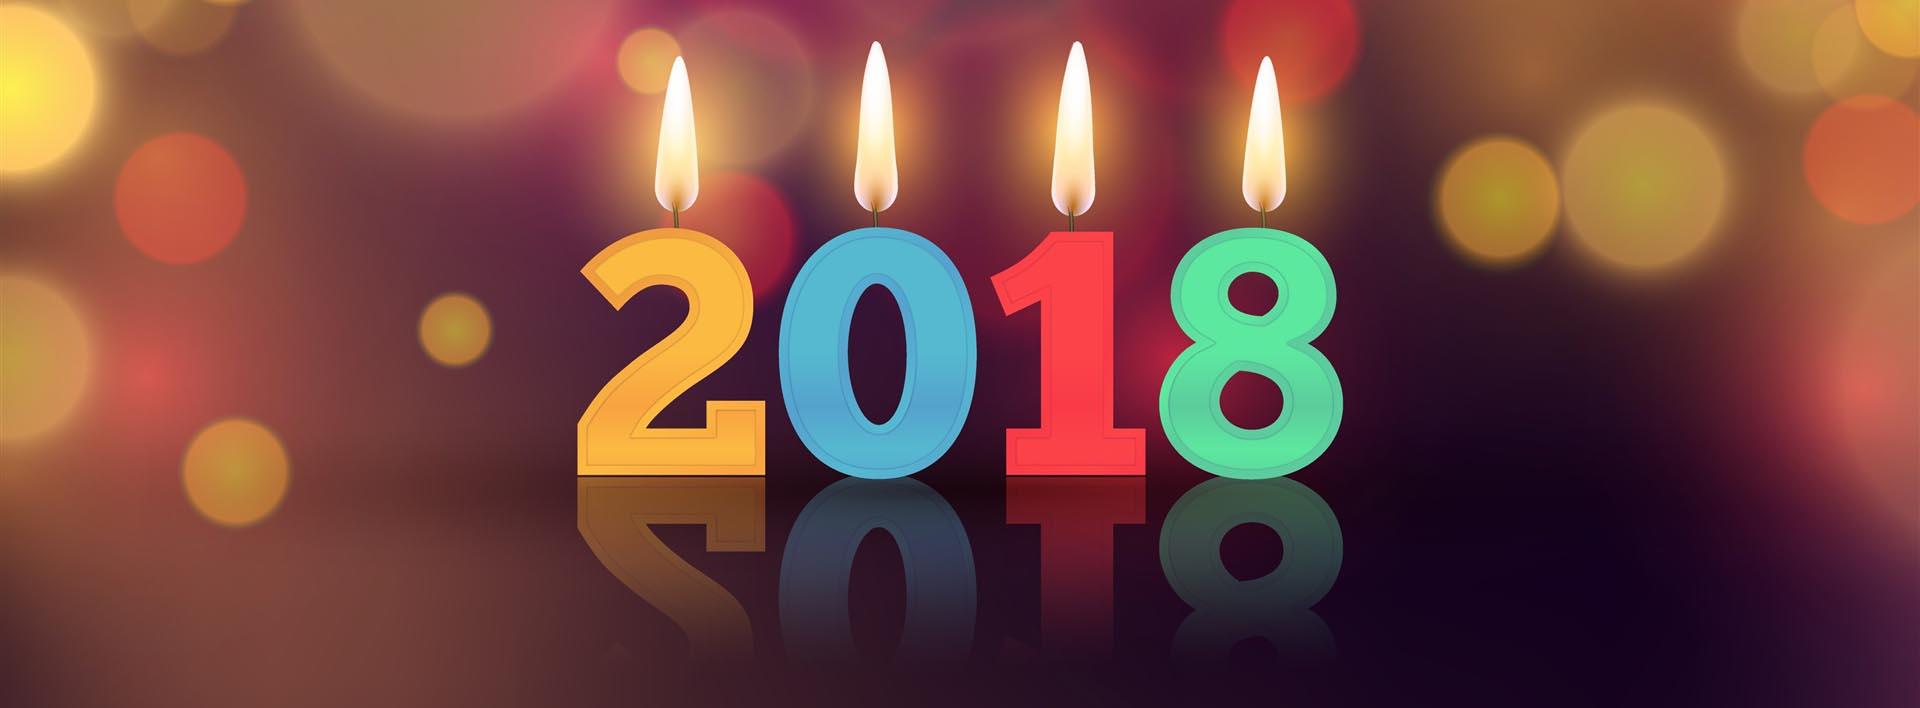 С Новым Годом 2018 :)